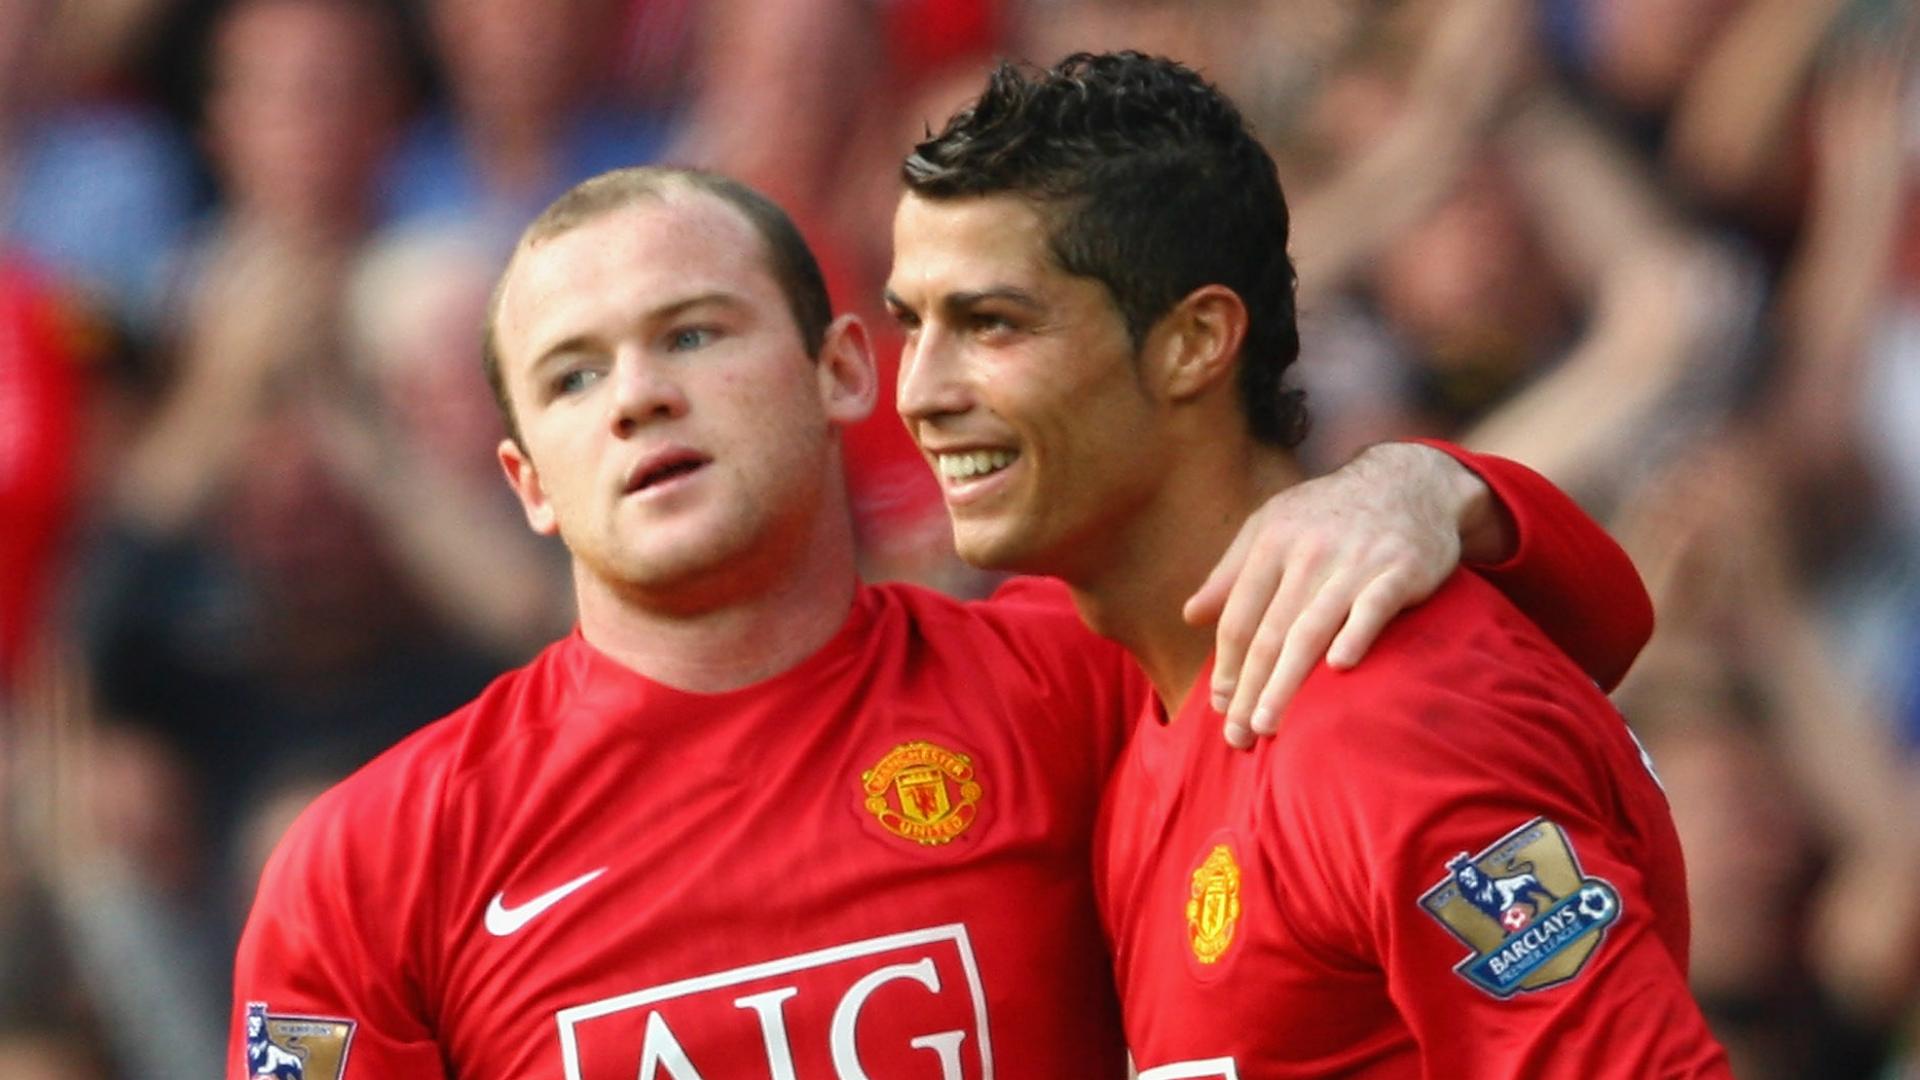 Rashford, Martial & Greenwood backed by Solskjaer to be Man Utd's new Ronaldo, Tevez & Rooney